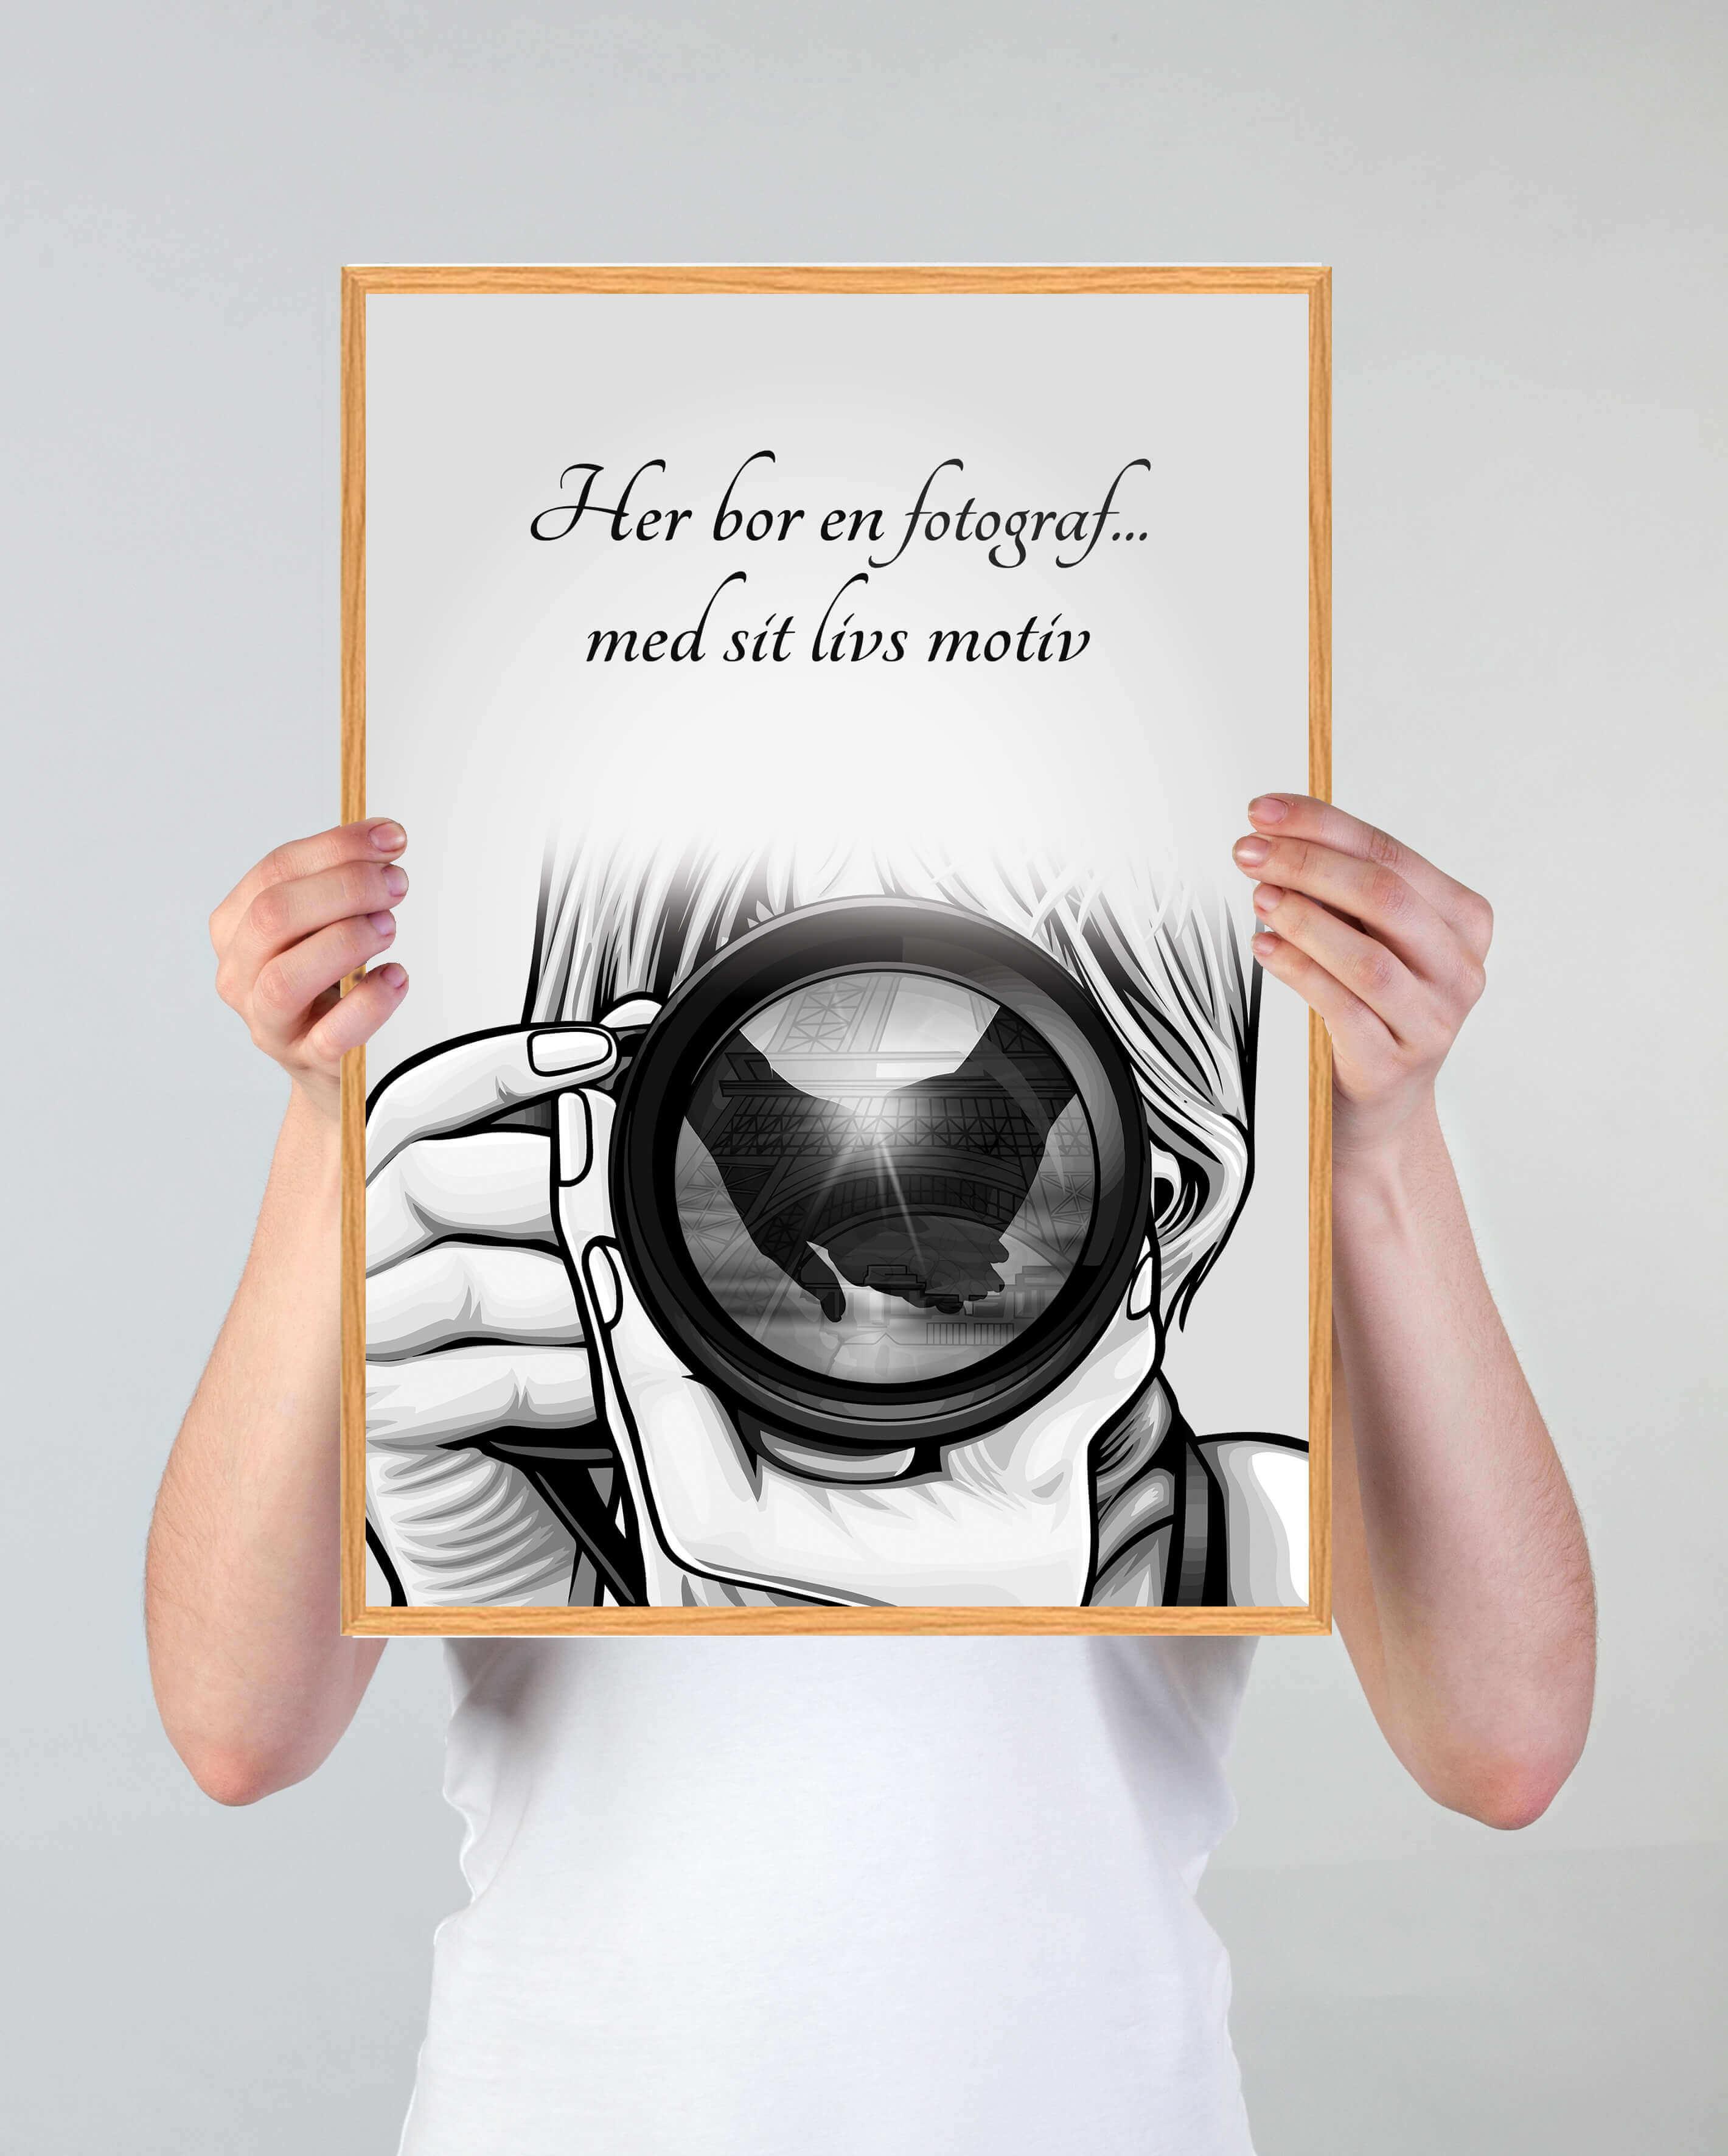 fotograf-job-plakat-3